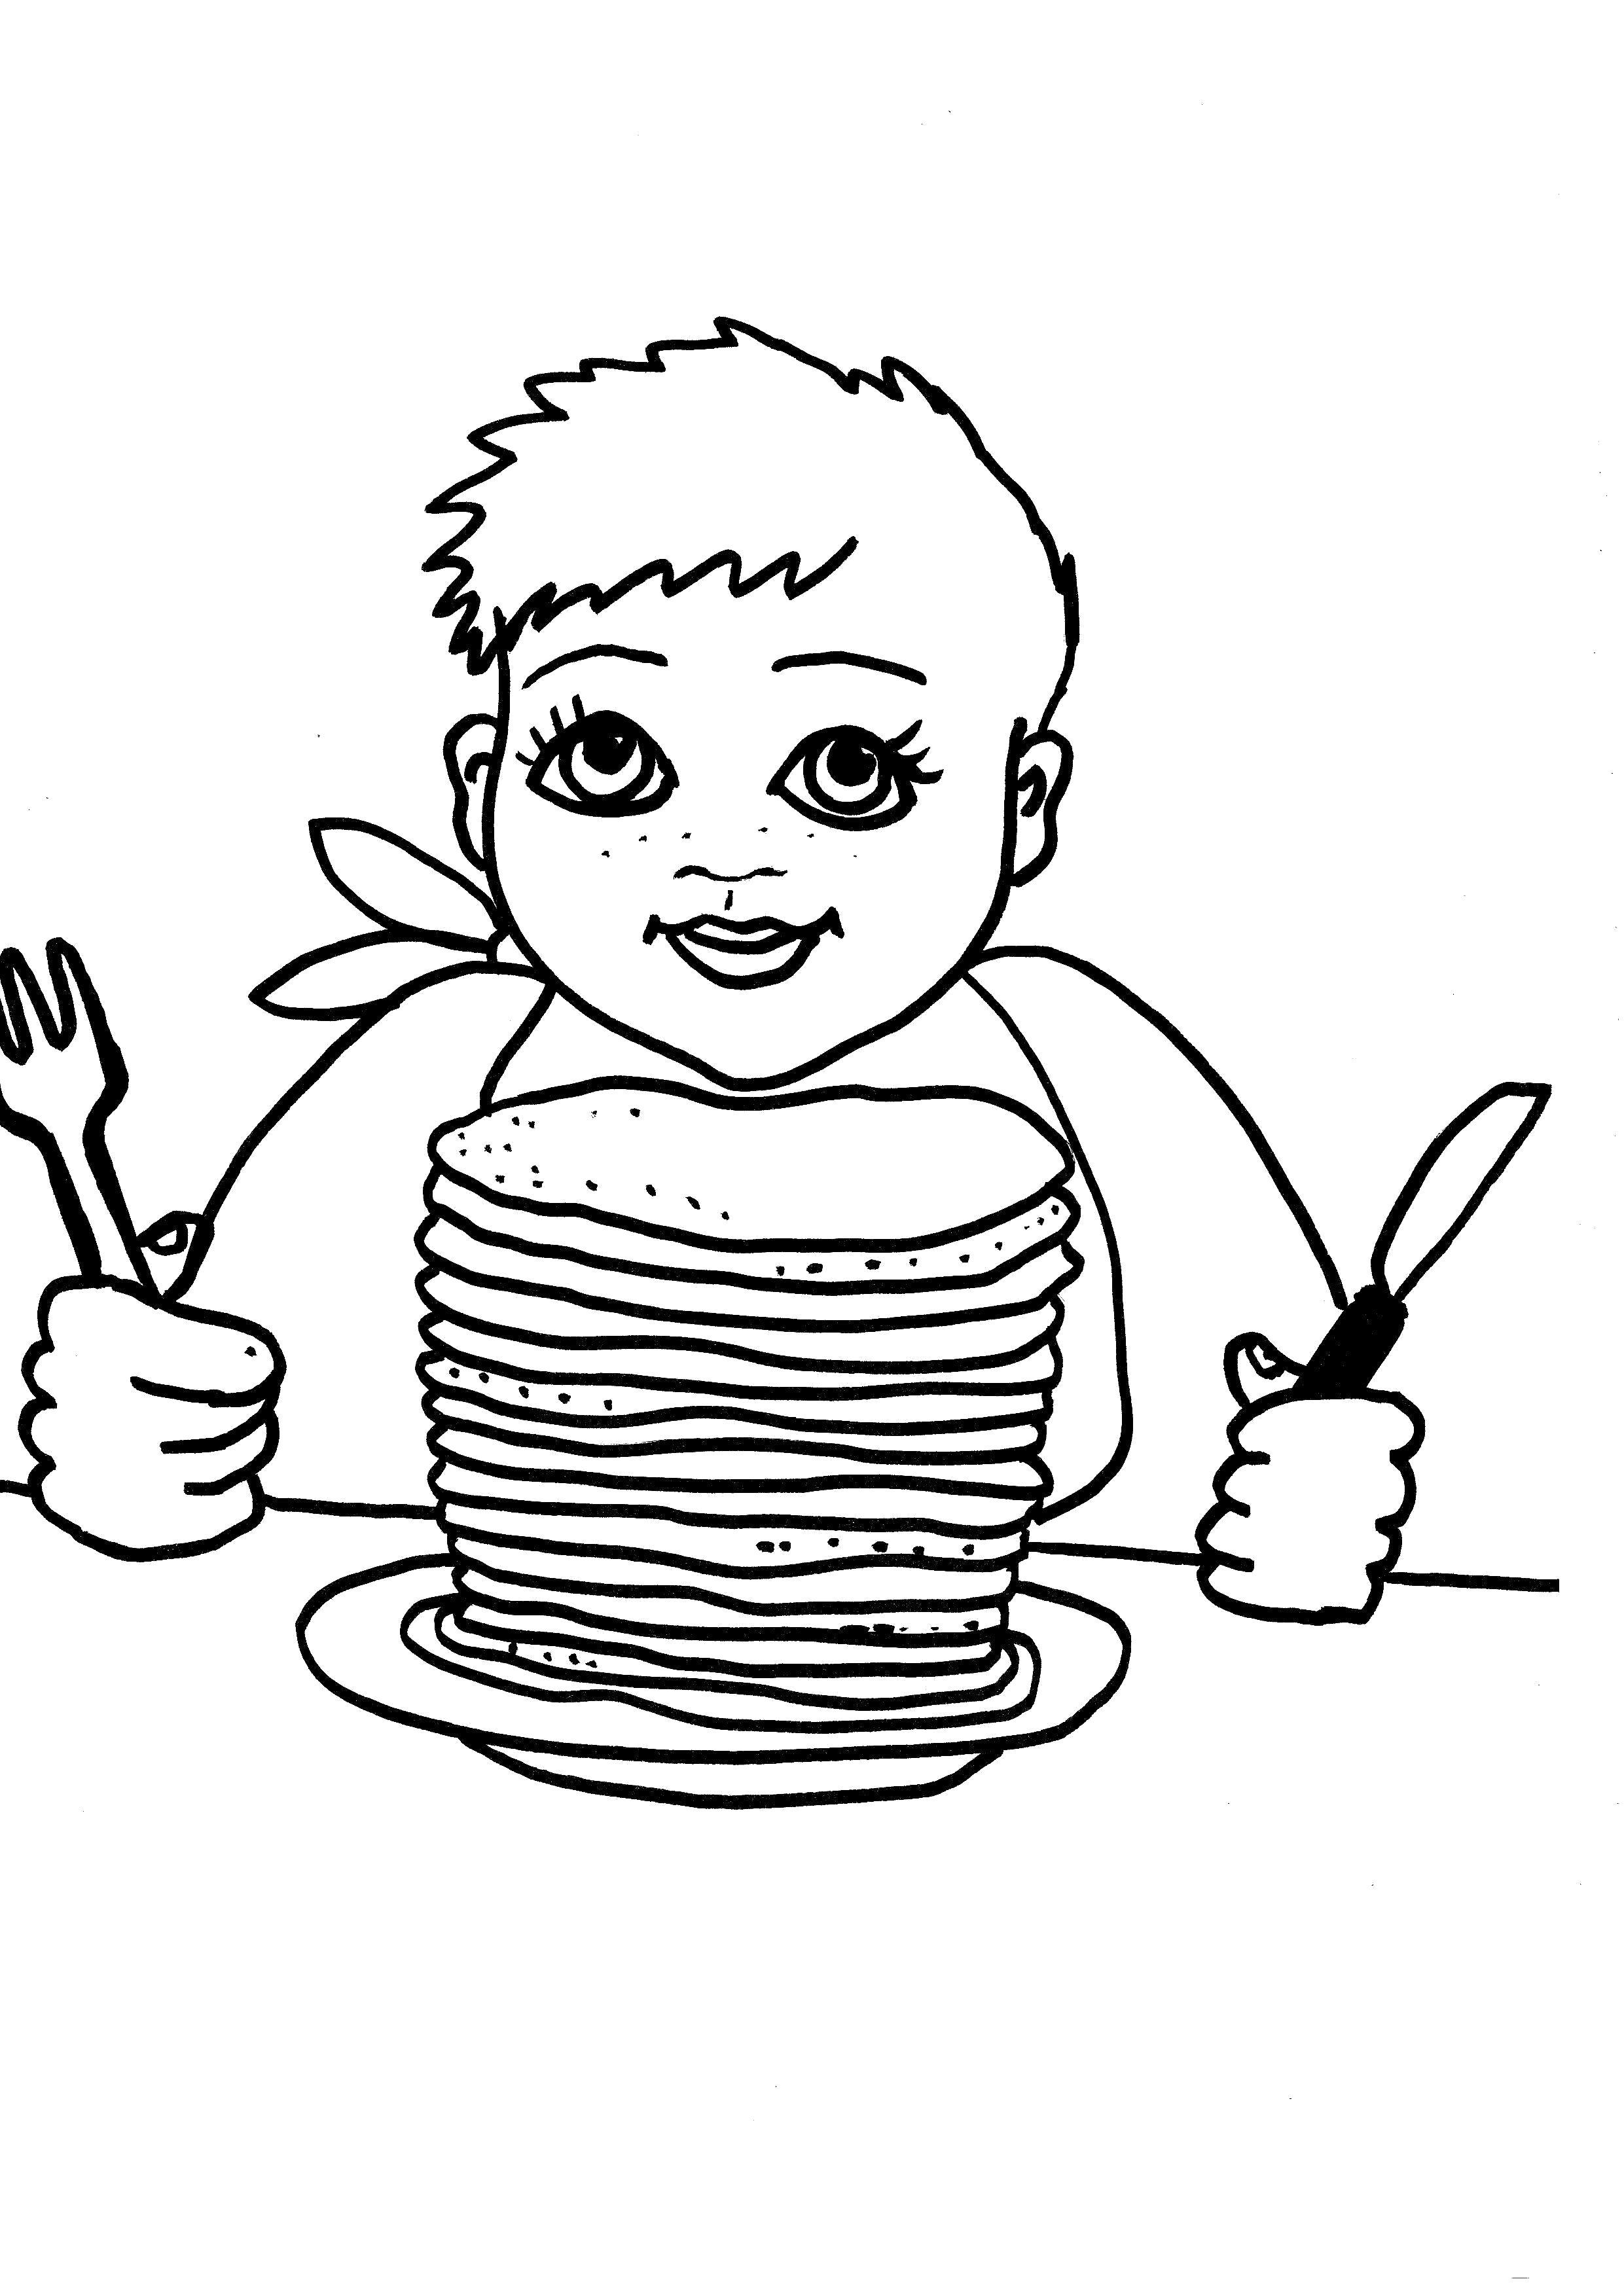 Раскраска  мальчик кушает блины. Скачать масленица.  Распечатать масленица